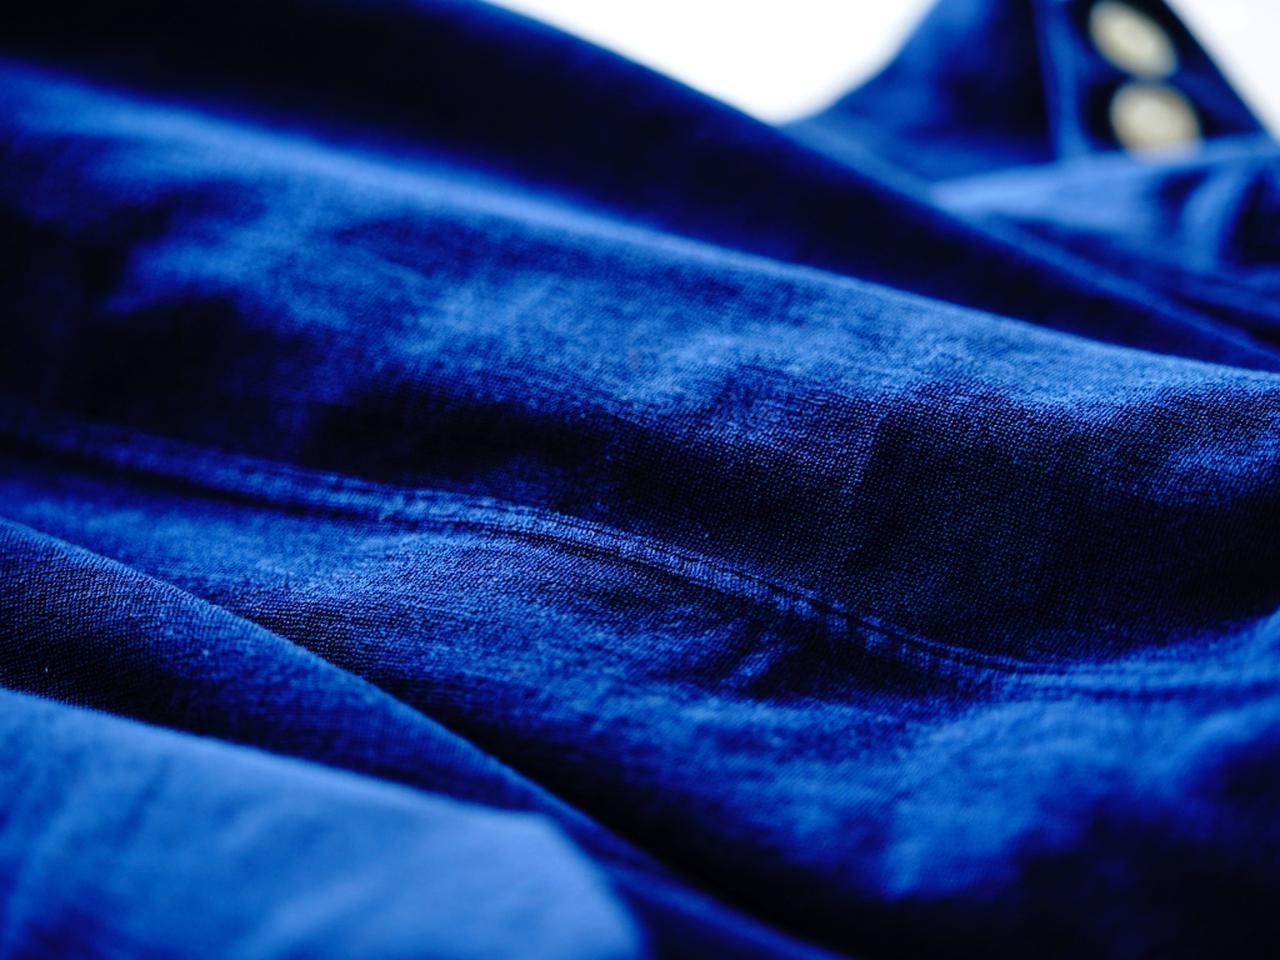 画像: 表地はやわらかく上質なコットンジャケットのよう。裏地は肌触りが良く吸水性に優れたいいパイル地です